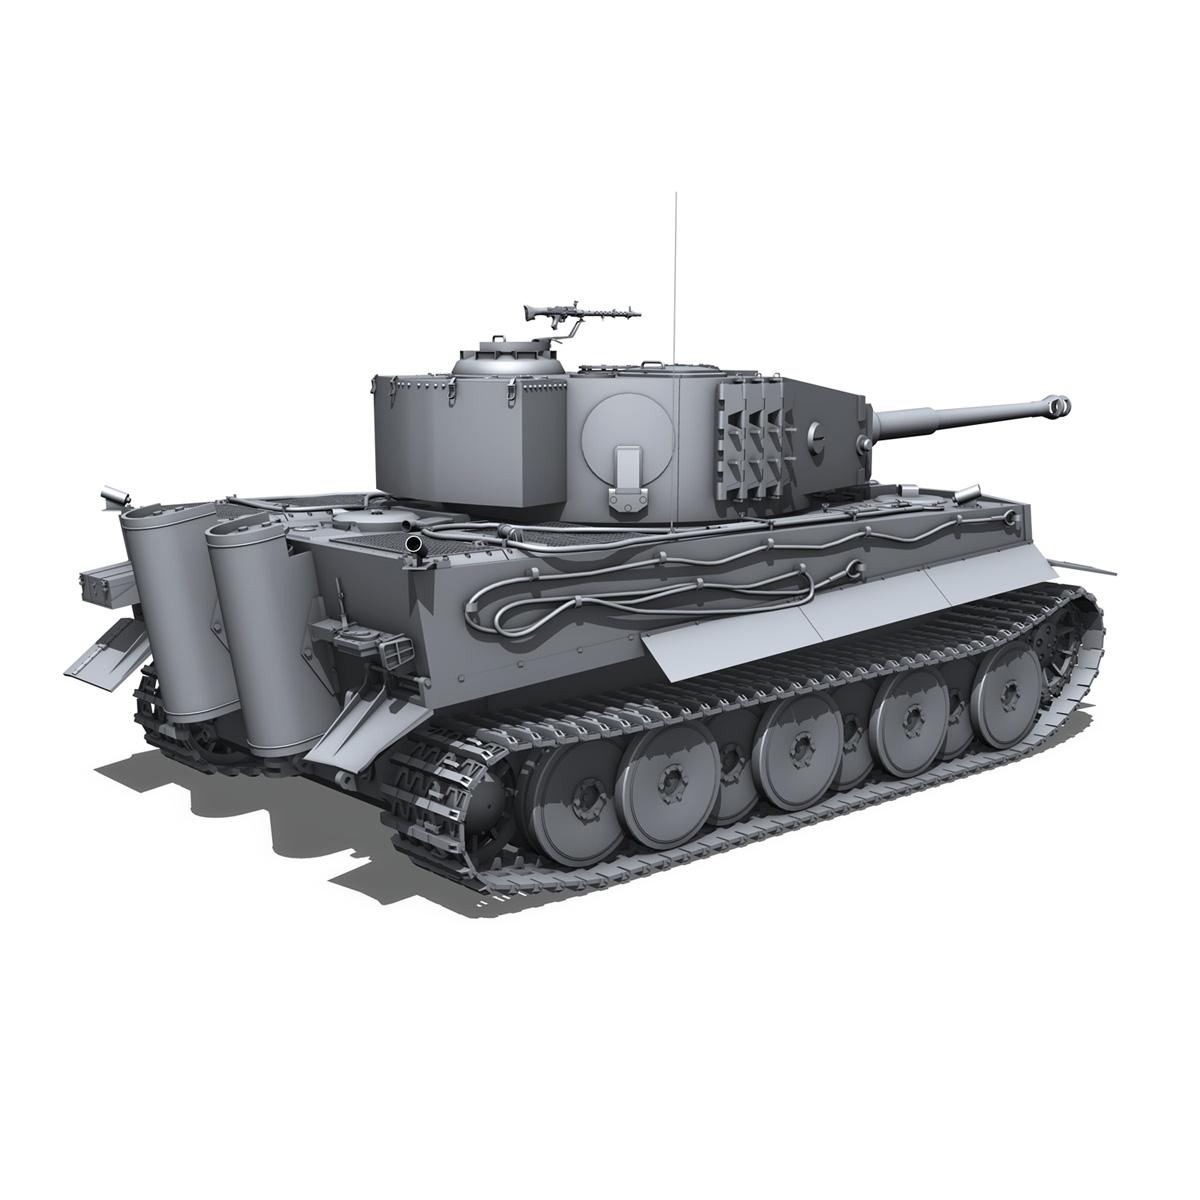 panzer vi – tiger – mid production 3d model 3ds fbx c4d lwo obj 202295